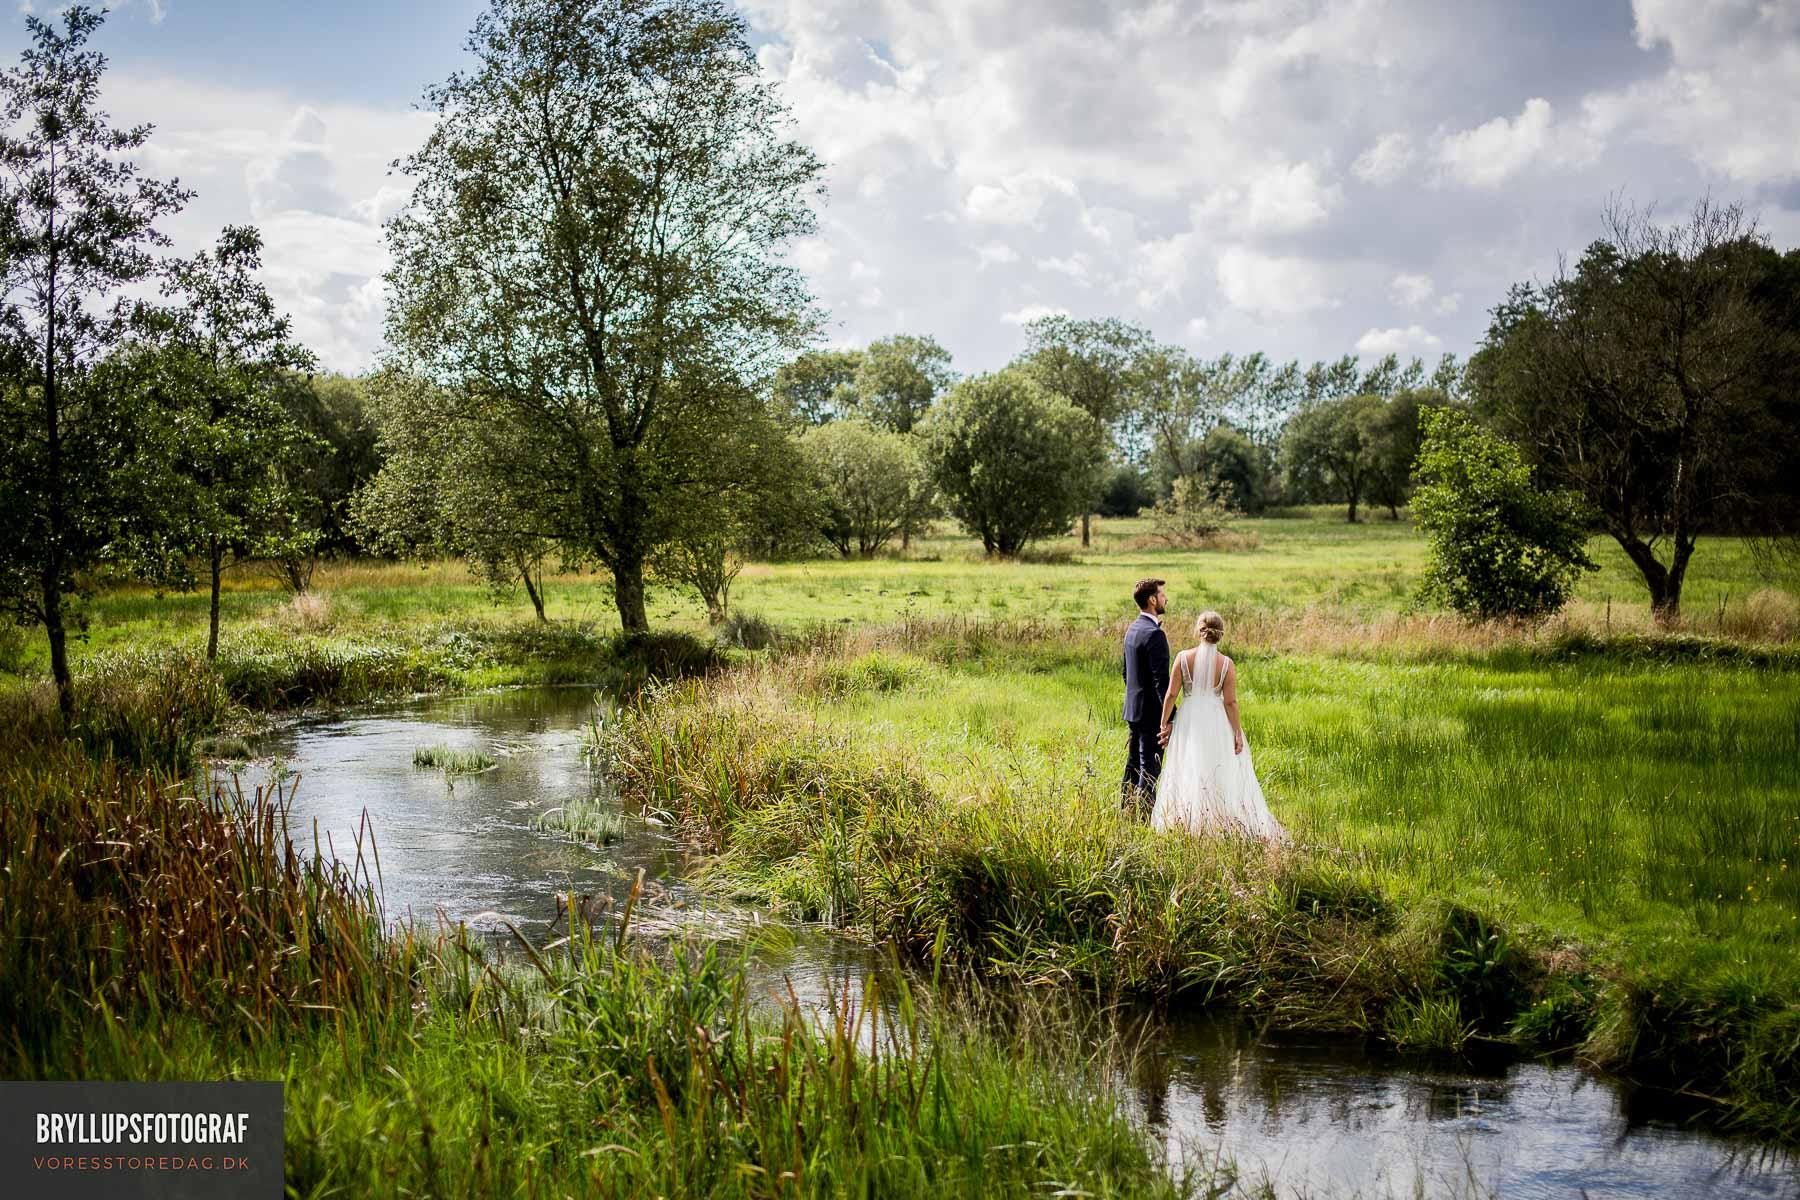 Professionel bryllupsfotograf fra Vejle. Billig fotograf der fanger de små øjeblikke.